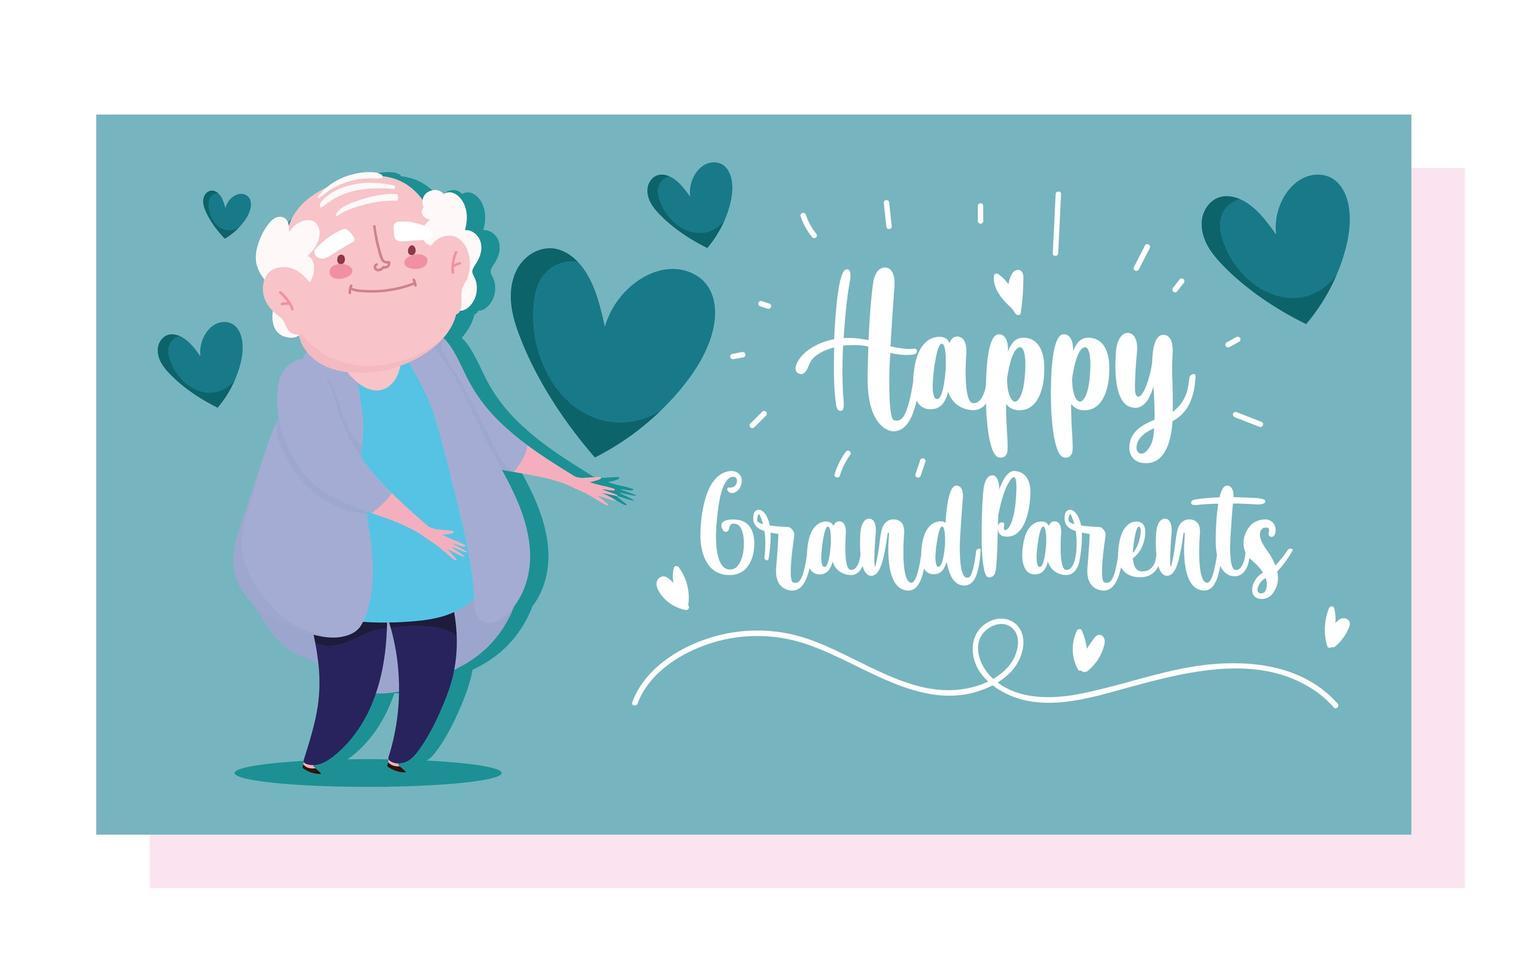 vieil homme grand-père avec carte de dessin animé amour coeurs vecteur